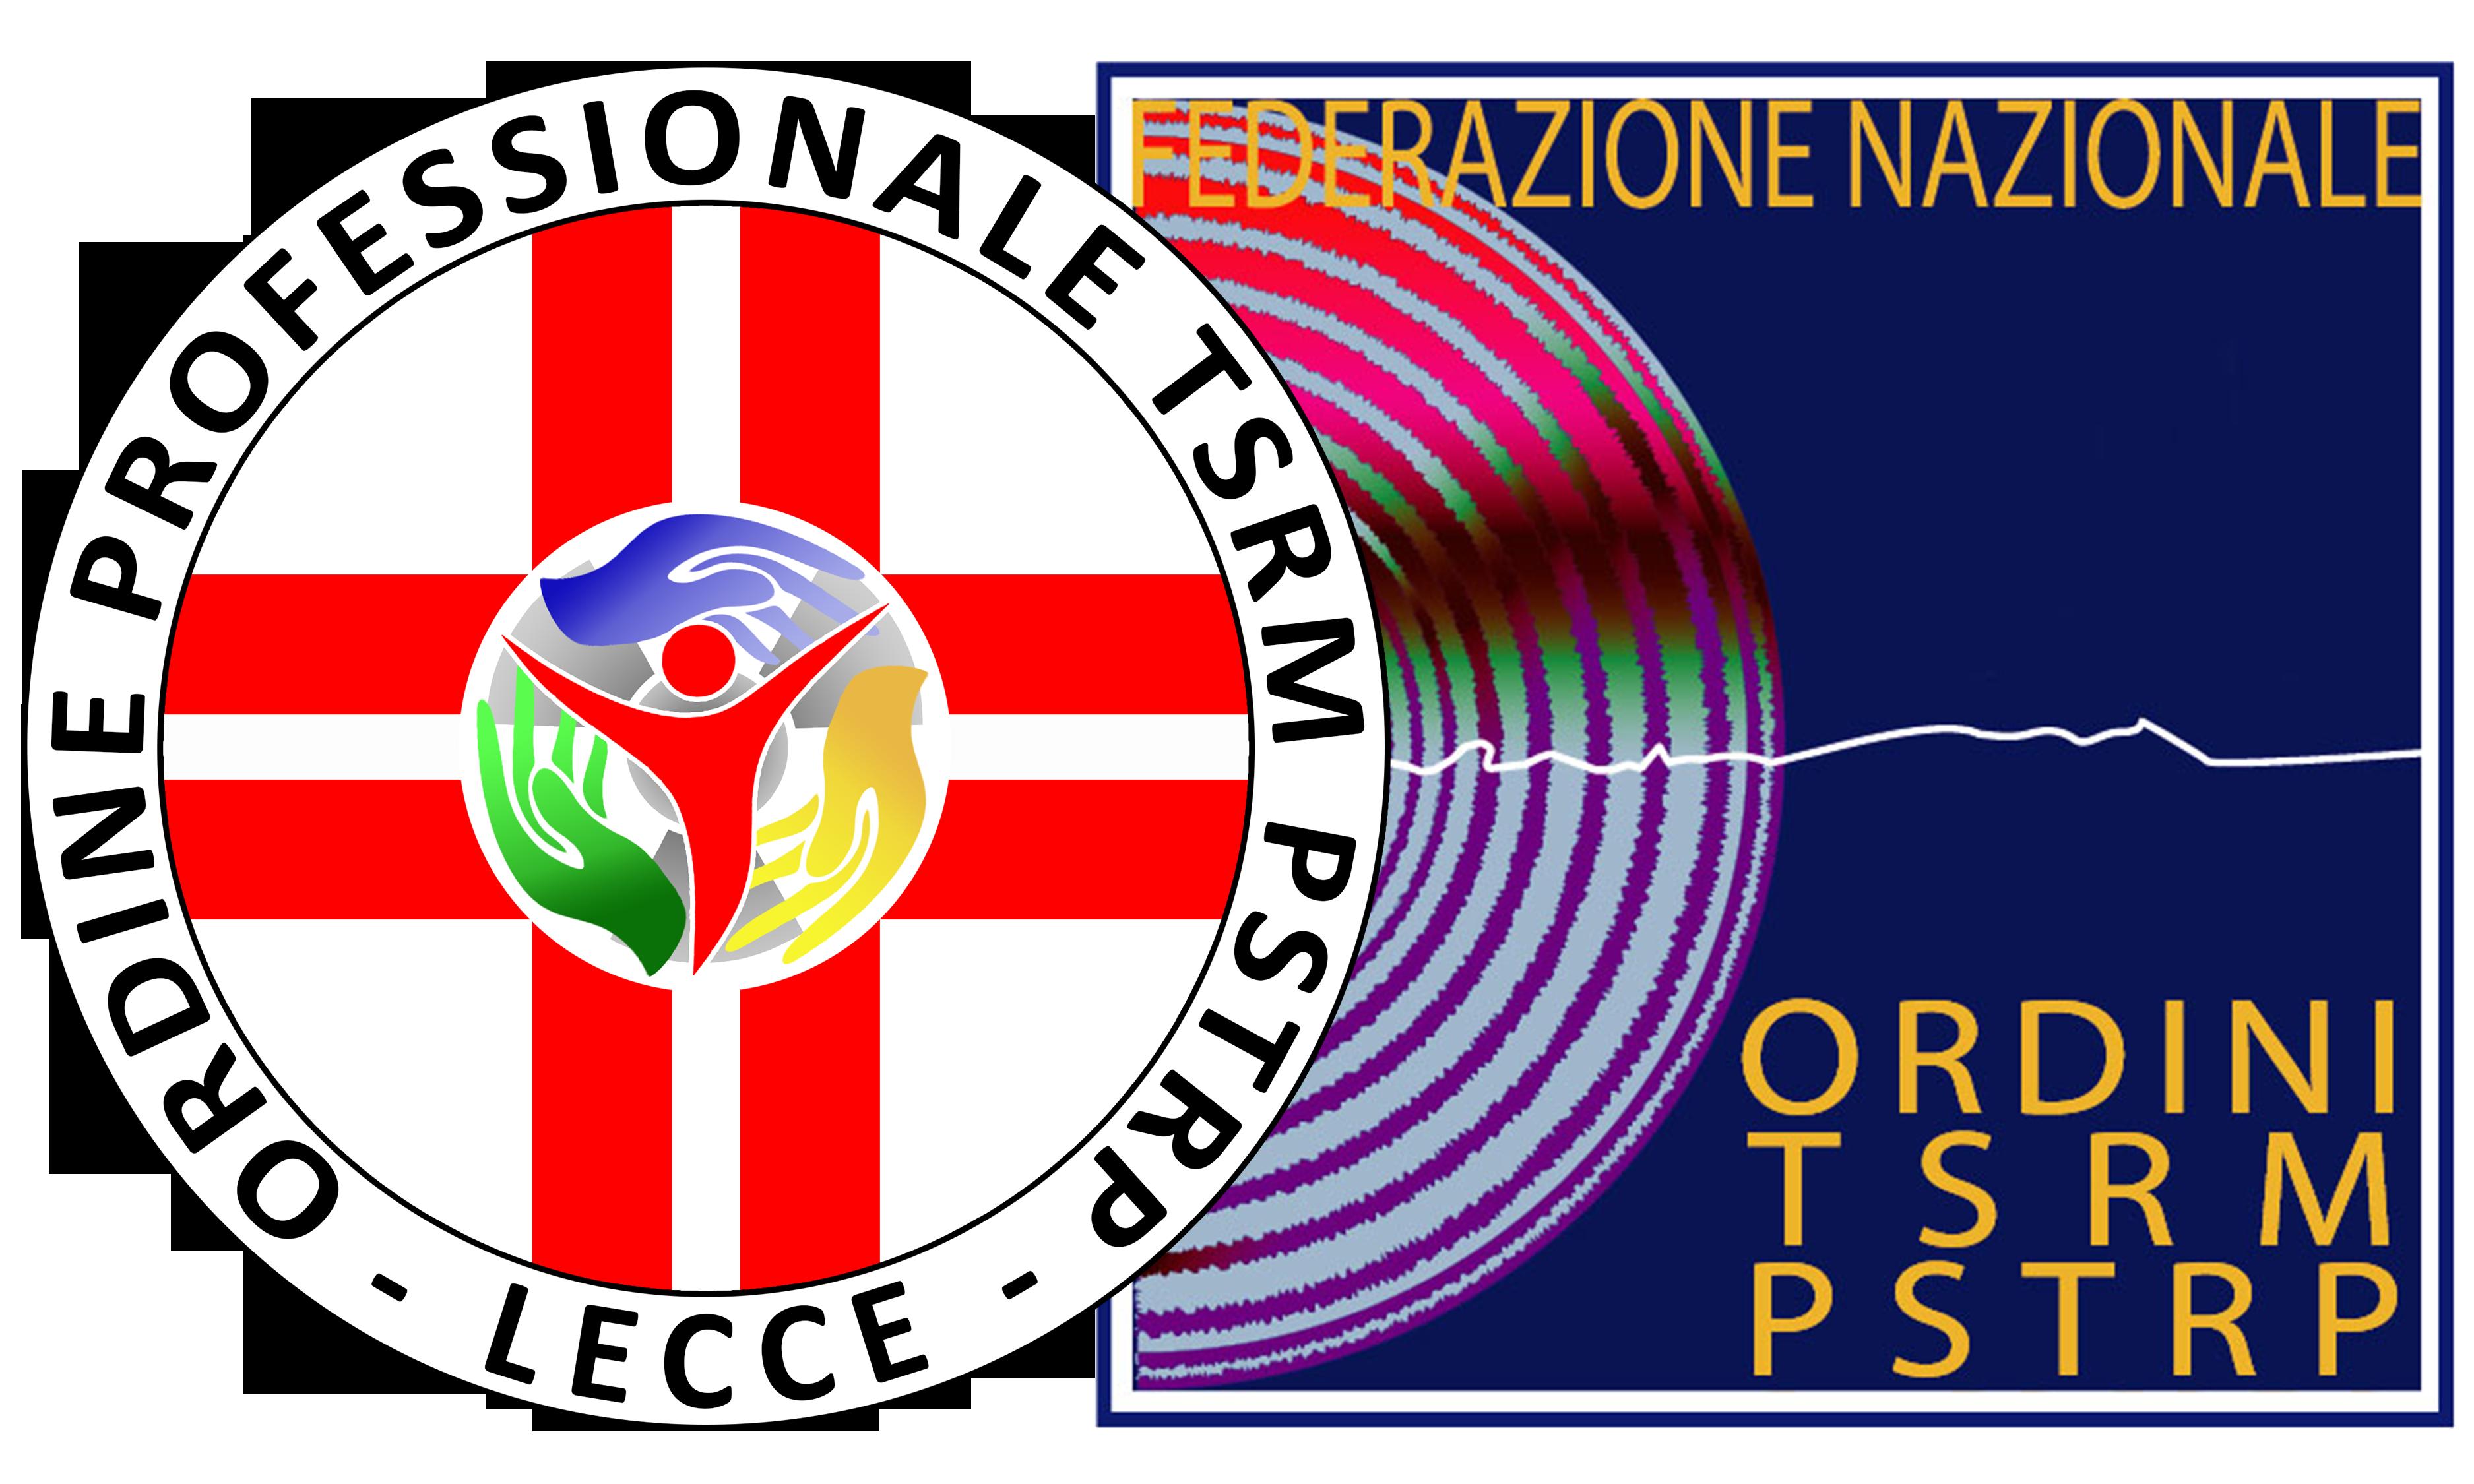 Sito ufficiale dell'ordine dei Tecnici Sanitari di Ragiologia Medica e delle Professioni Tecniche, della Prevenzione e della Riabilitazione di Lecce